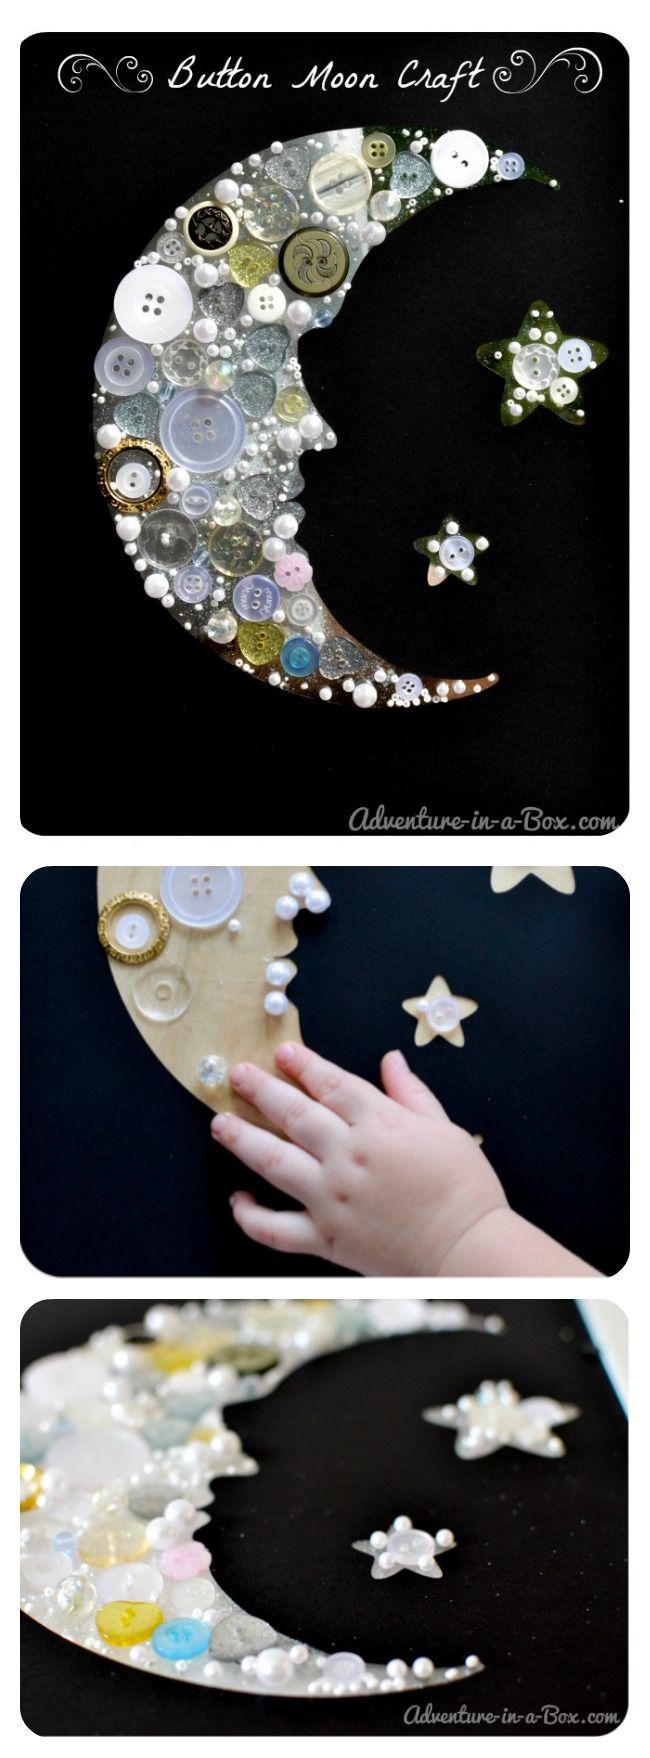 buttons-craft-for-children-Pinterest+moon+diy